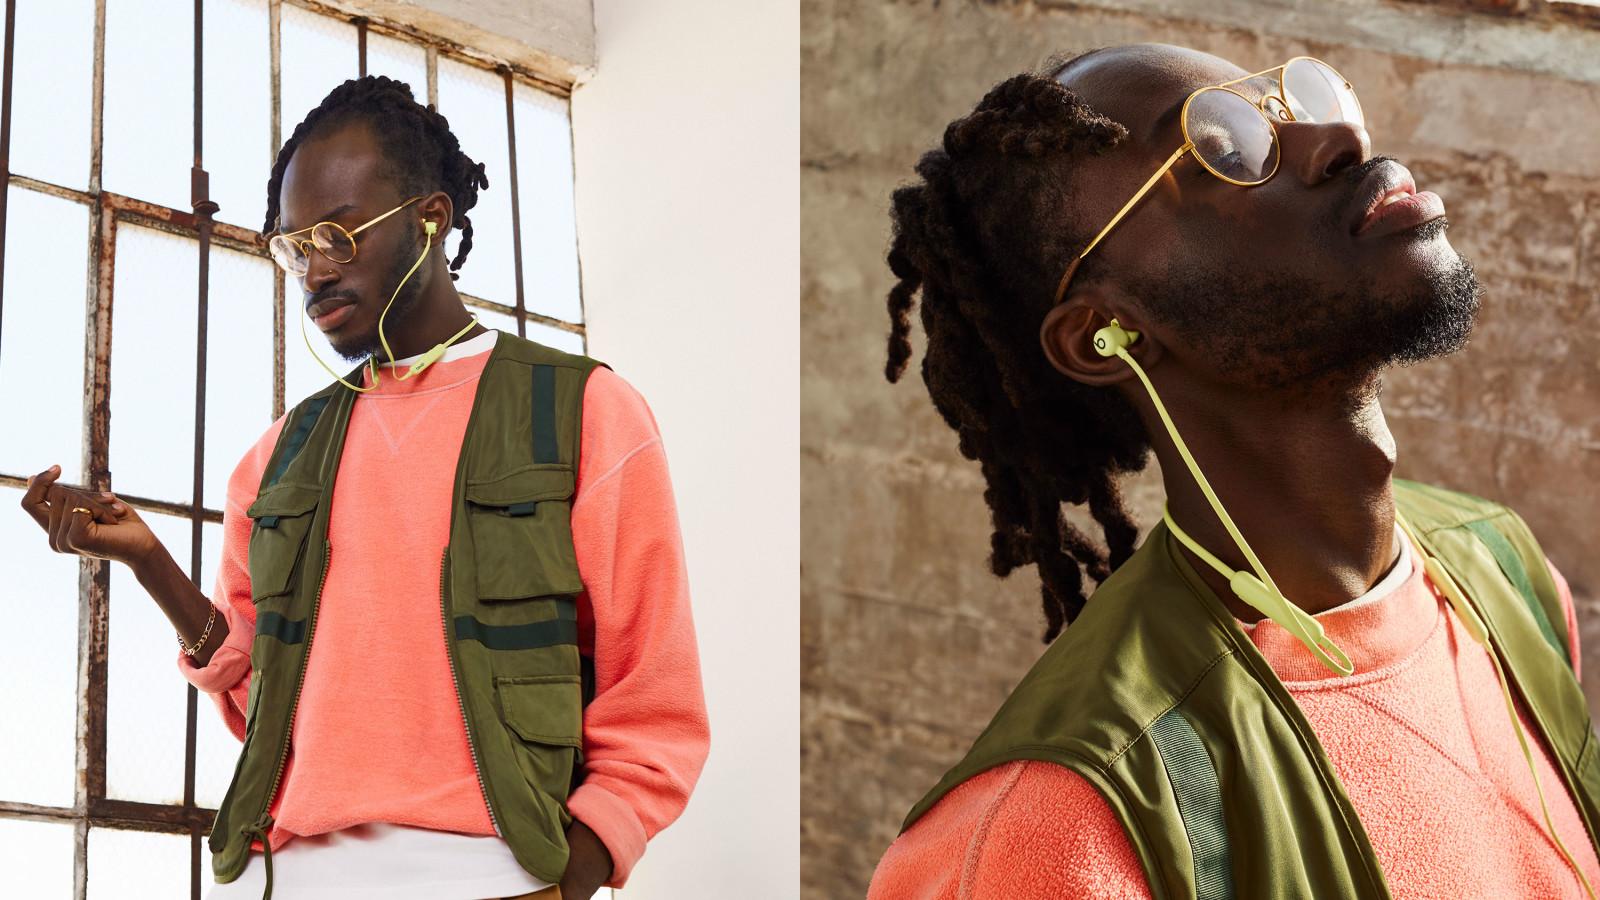 Die neuen Beats Flex sind die bislang preiswertesten In-Ears von Beats by Dre